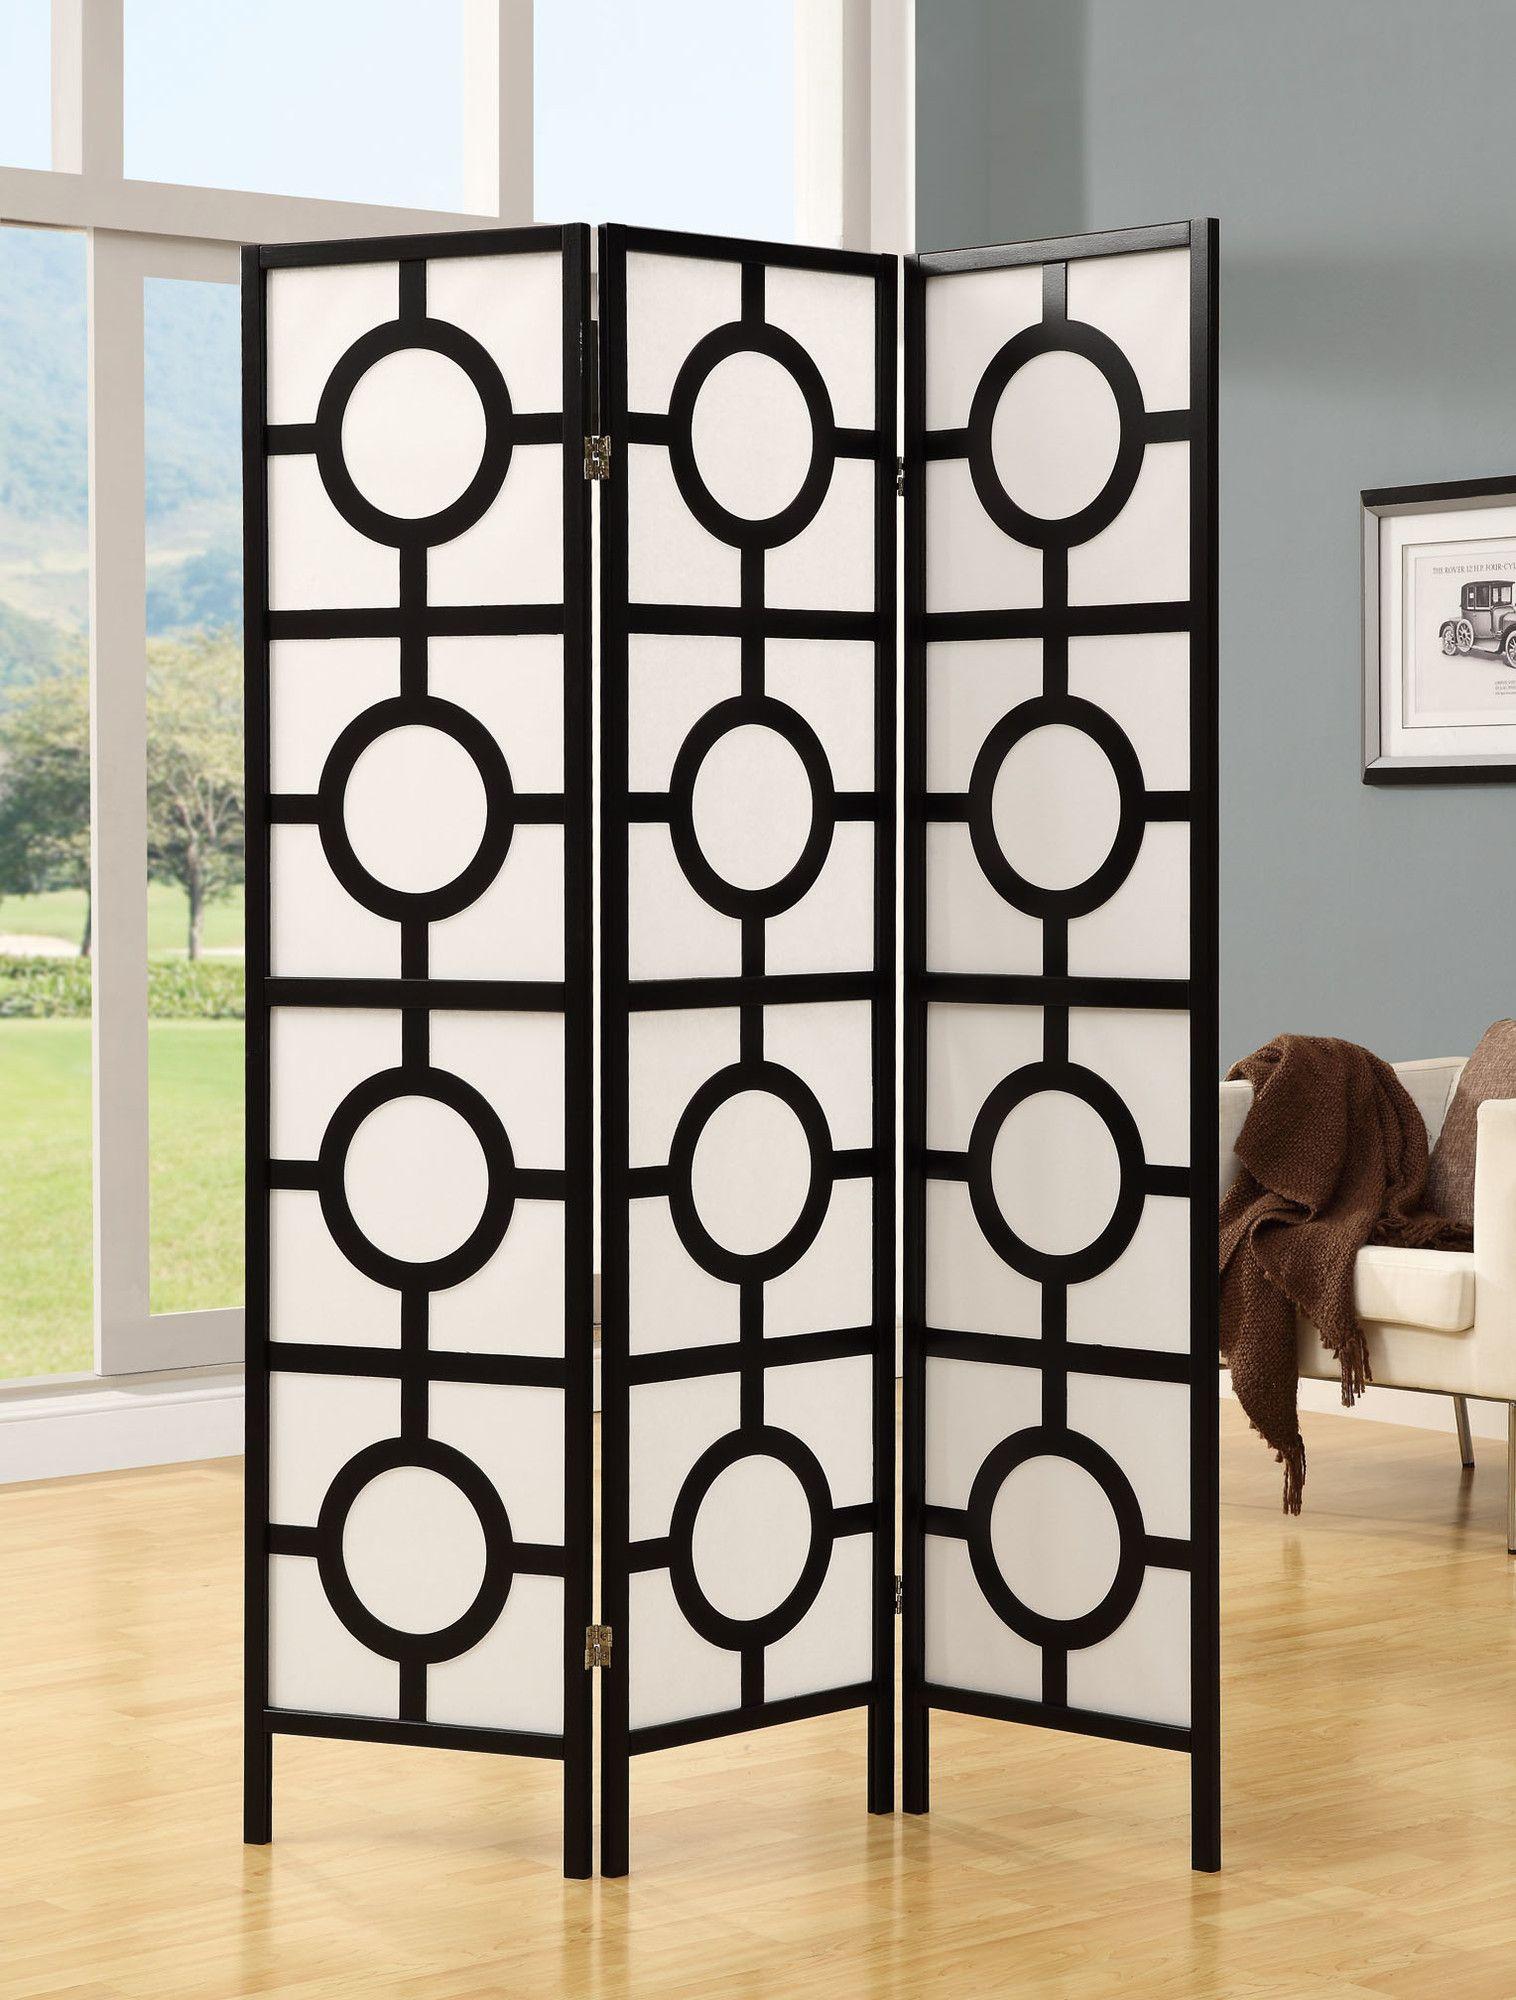 71 X 52 Frame 3 Panel Room Divider Products Room Divider